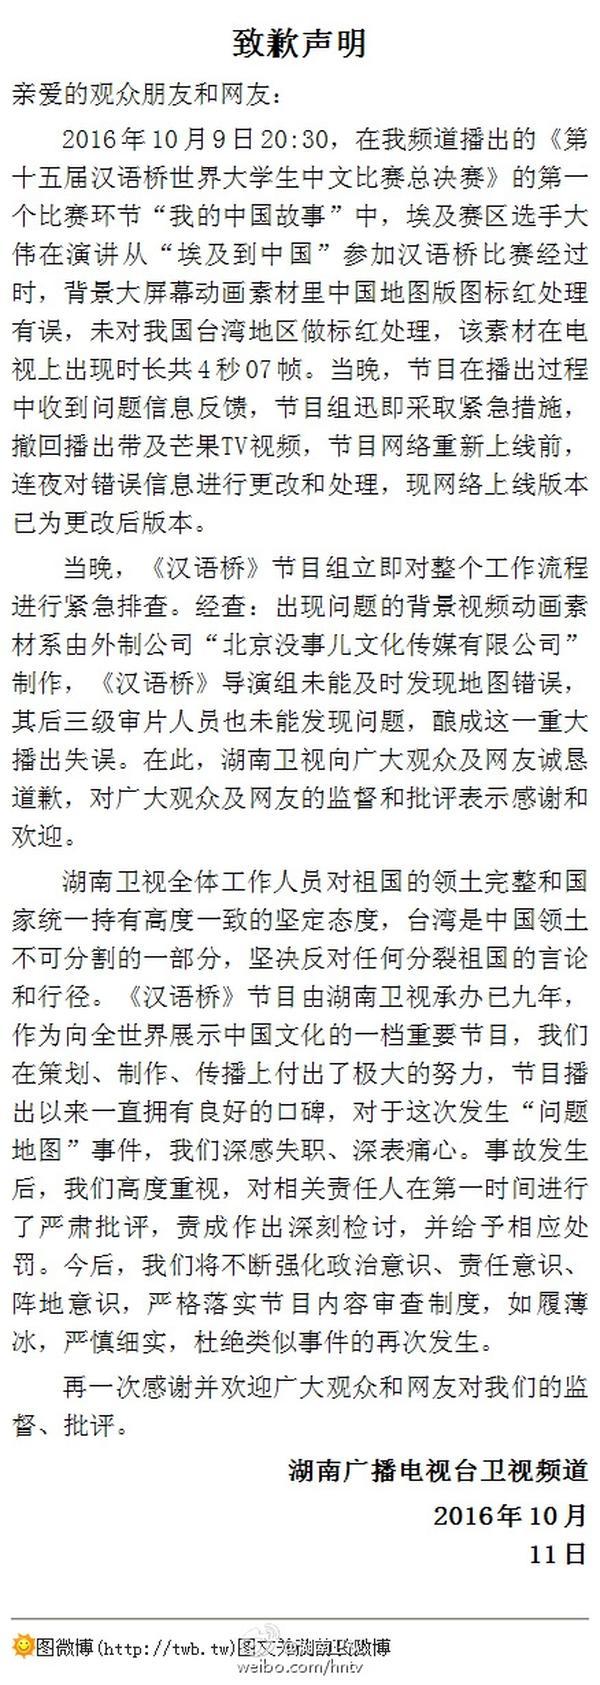 《汉语桥》中国地图不见台湾 致歉:深表痛心